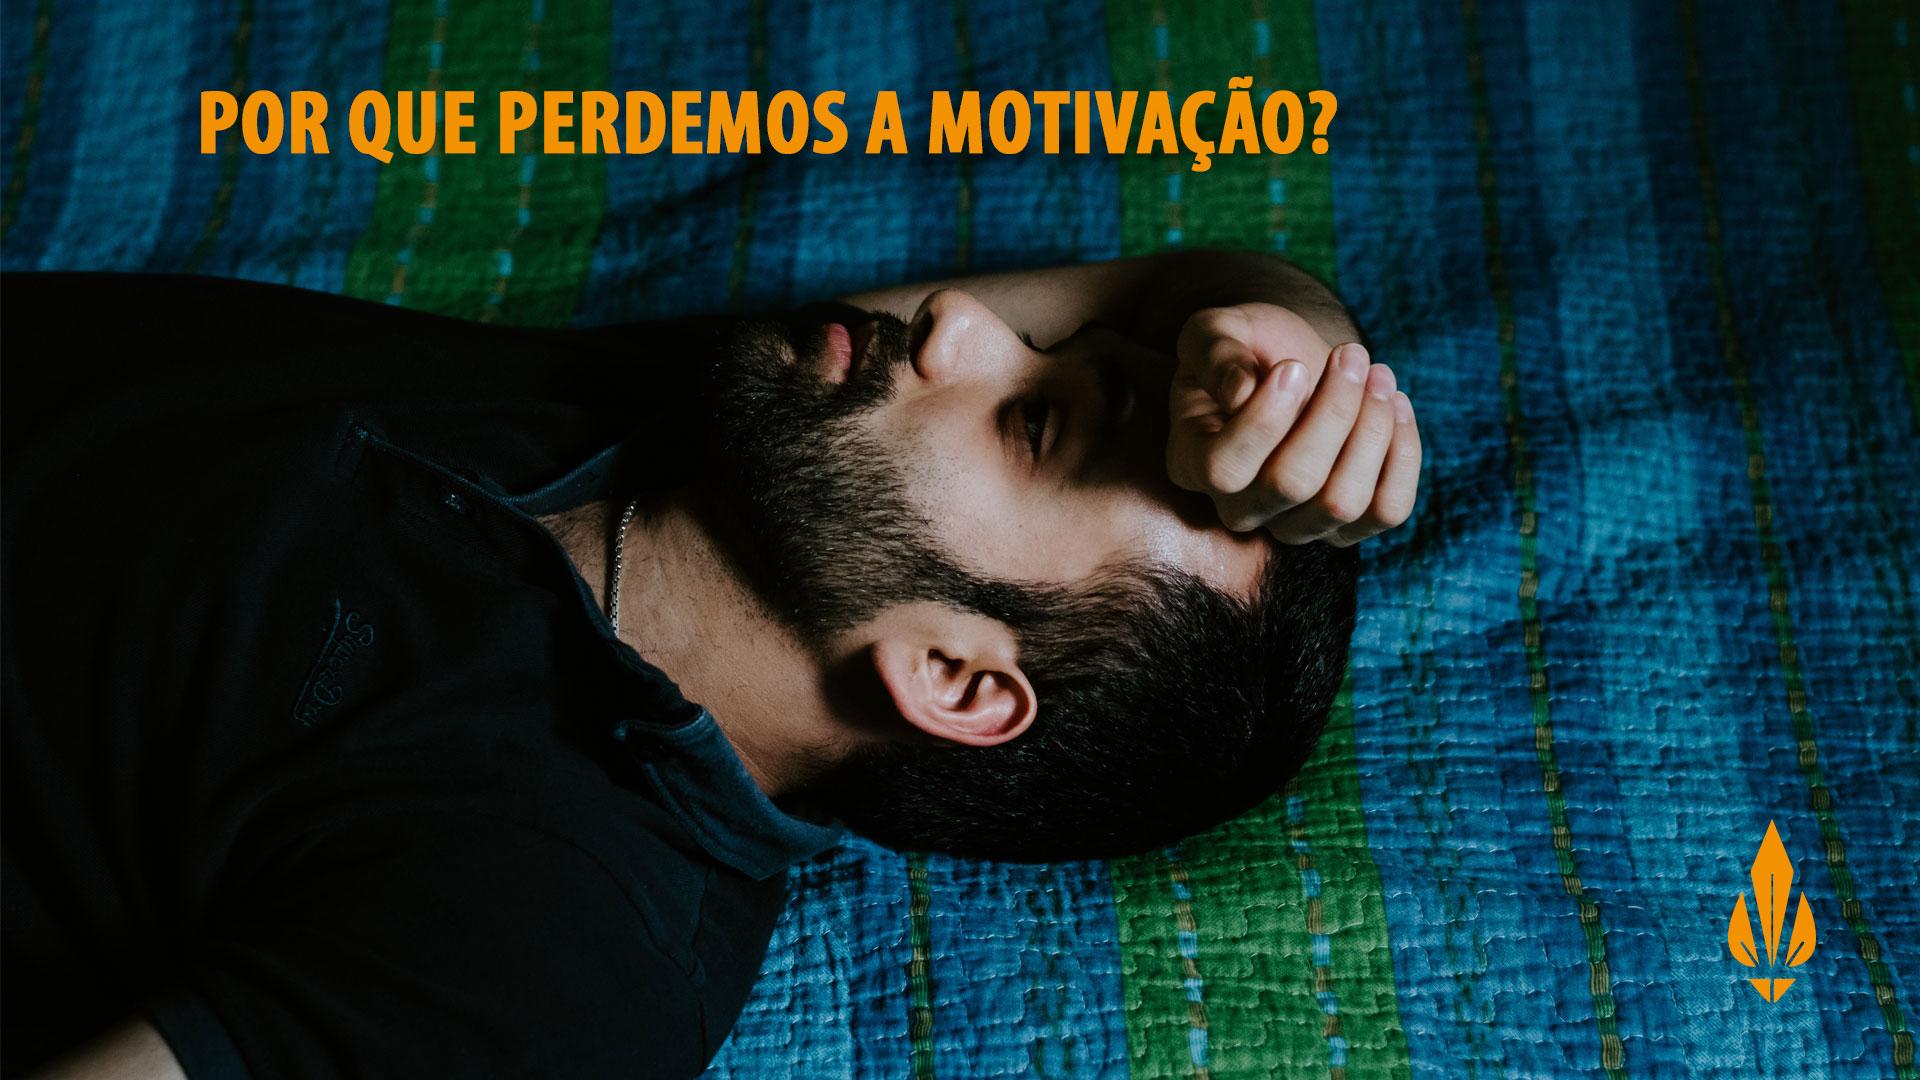 Por que perdemos a motivação?